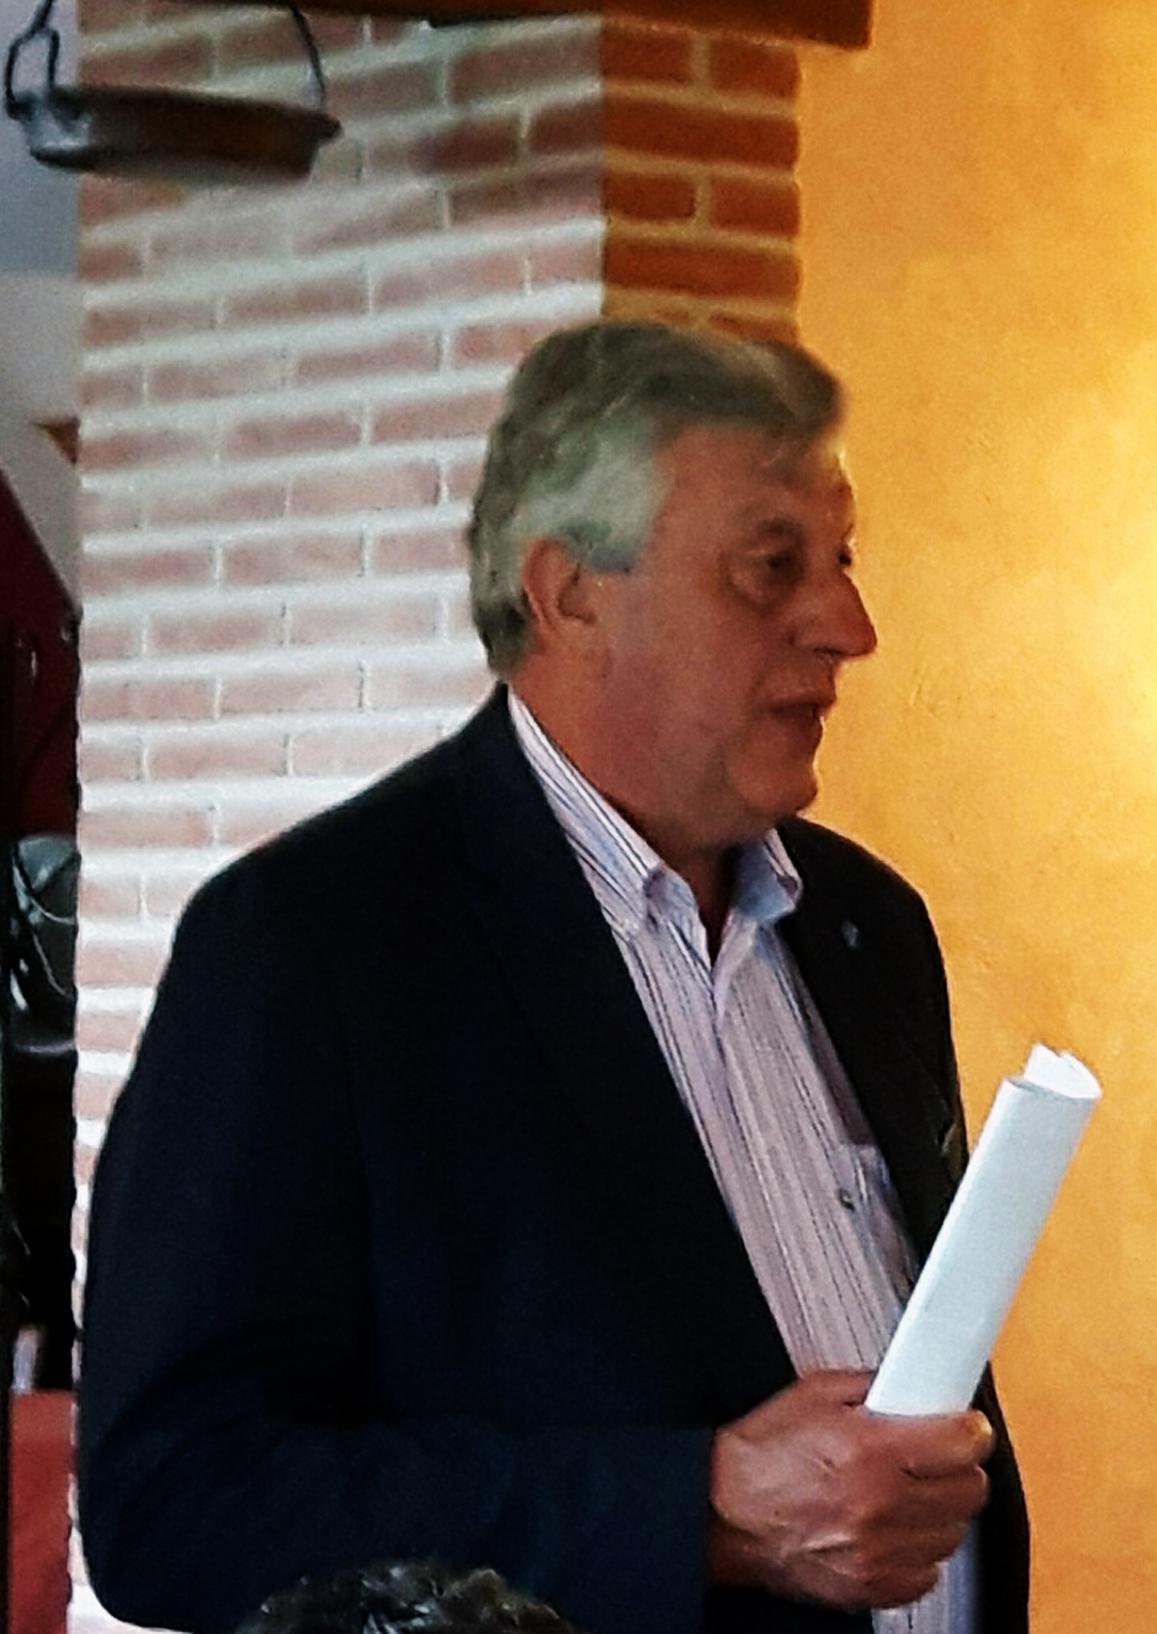 Giovanni Merli